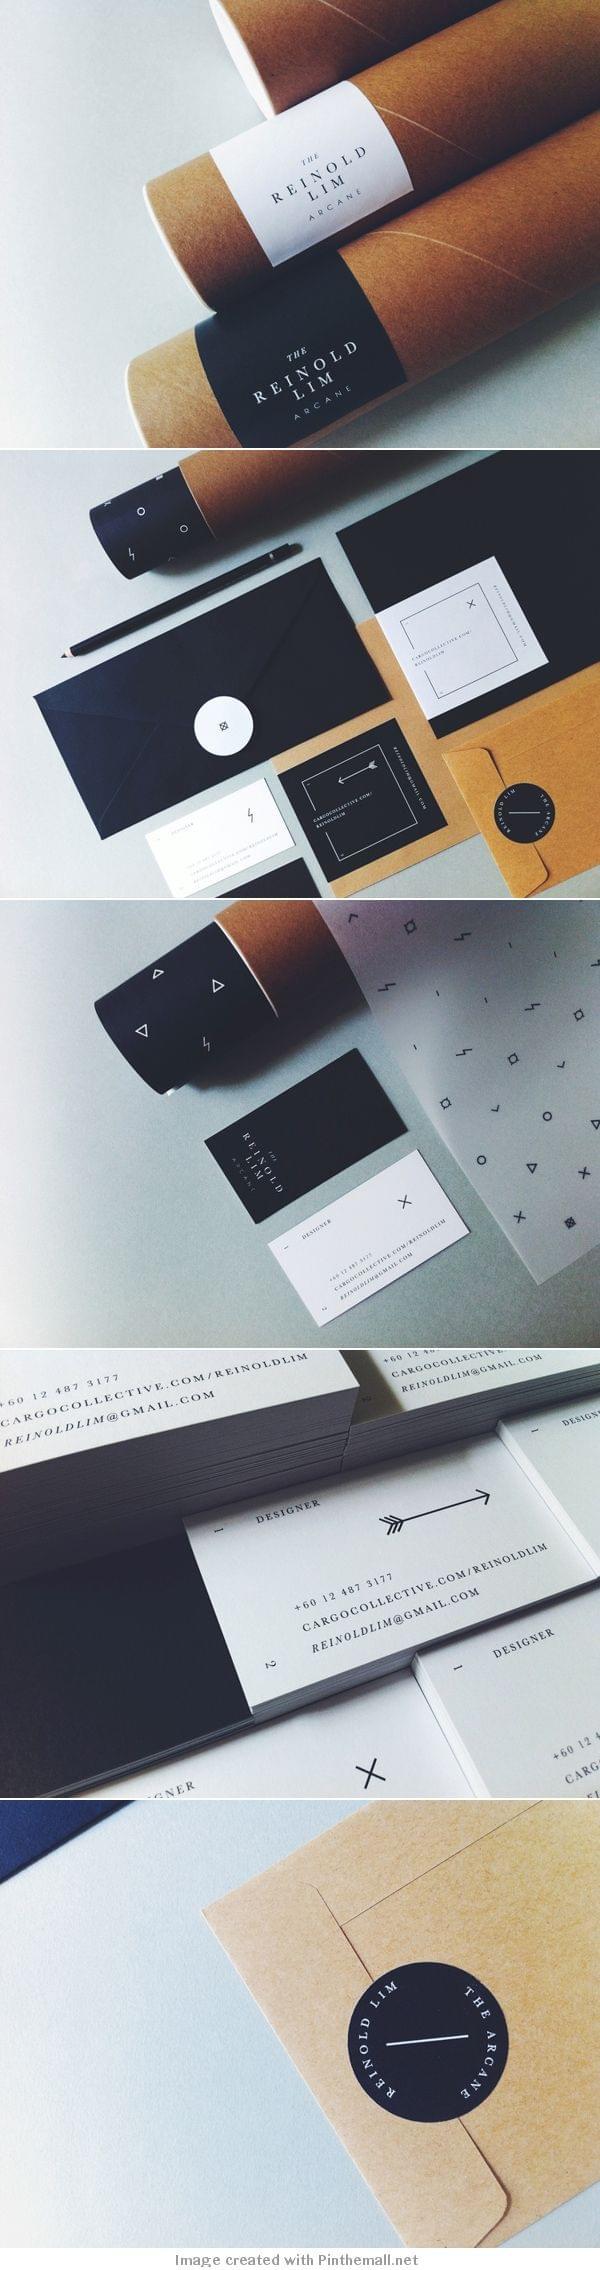 Reinold Lim   Graphic Design   Pinterest